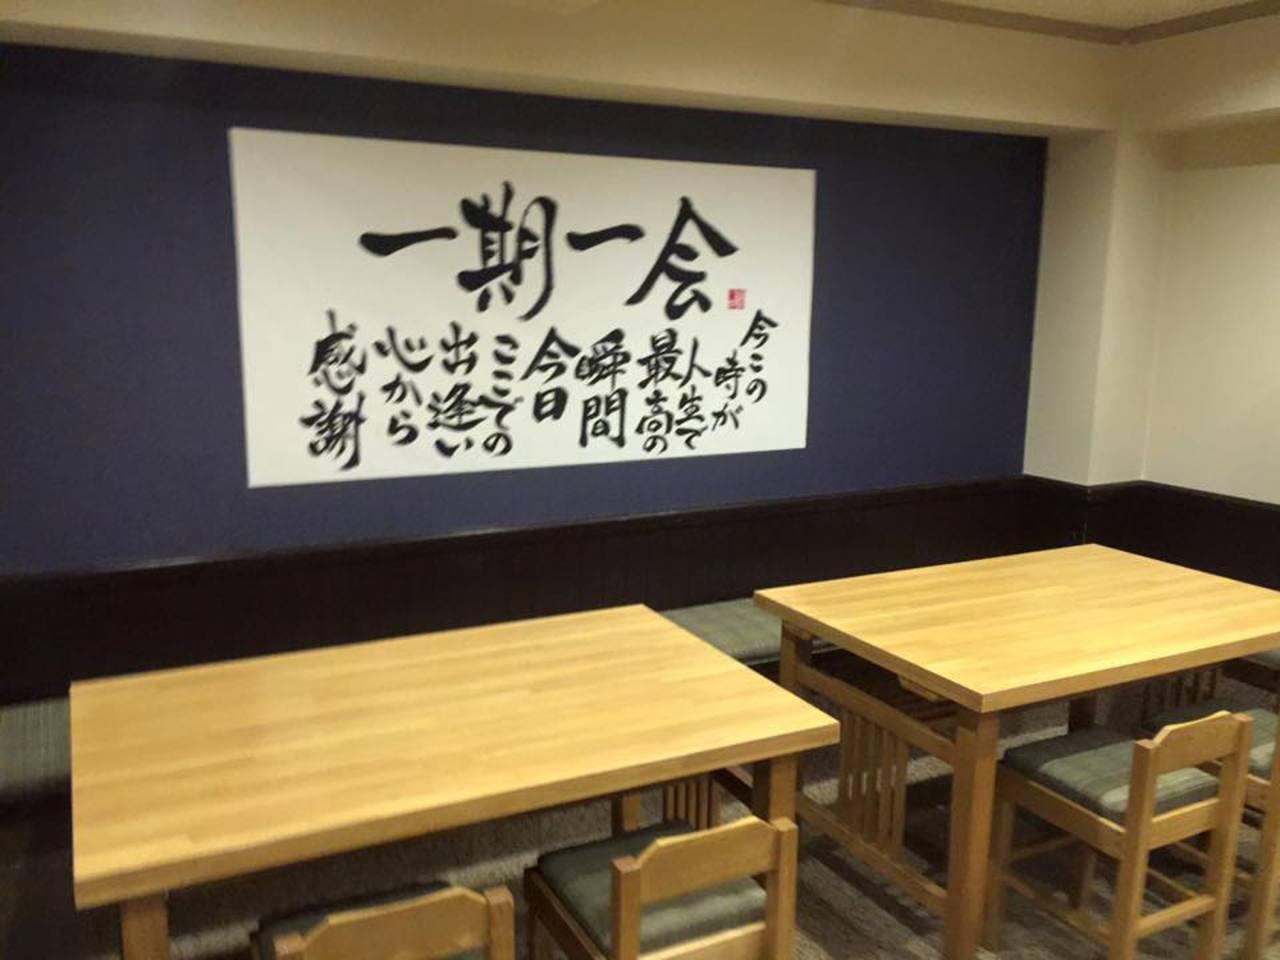 ムーンライト交流会39 少人数でじっくり交流の巻 中央区 (5/10) 札幌